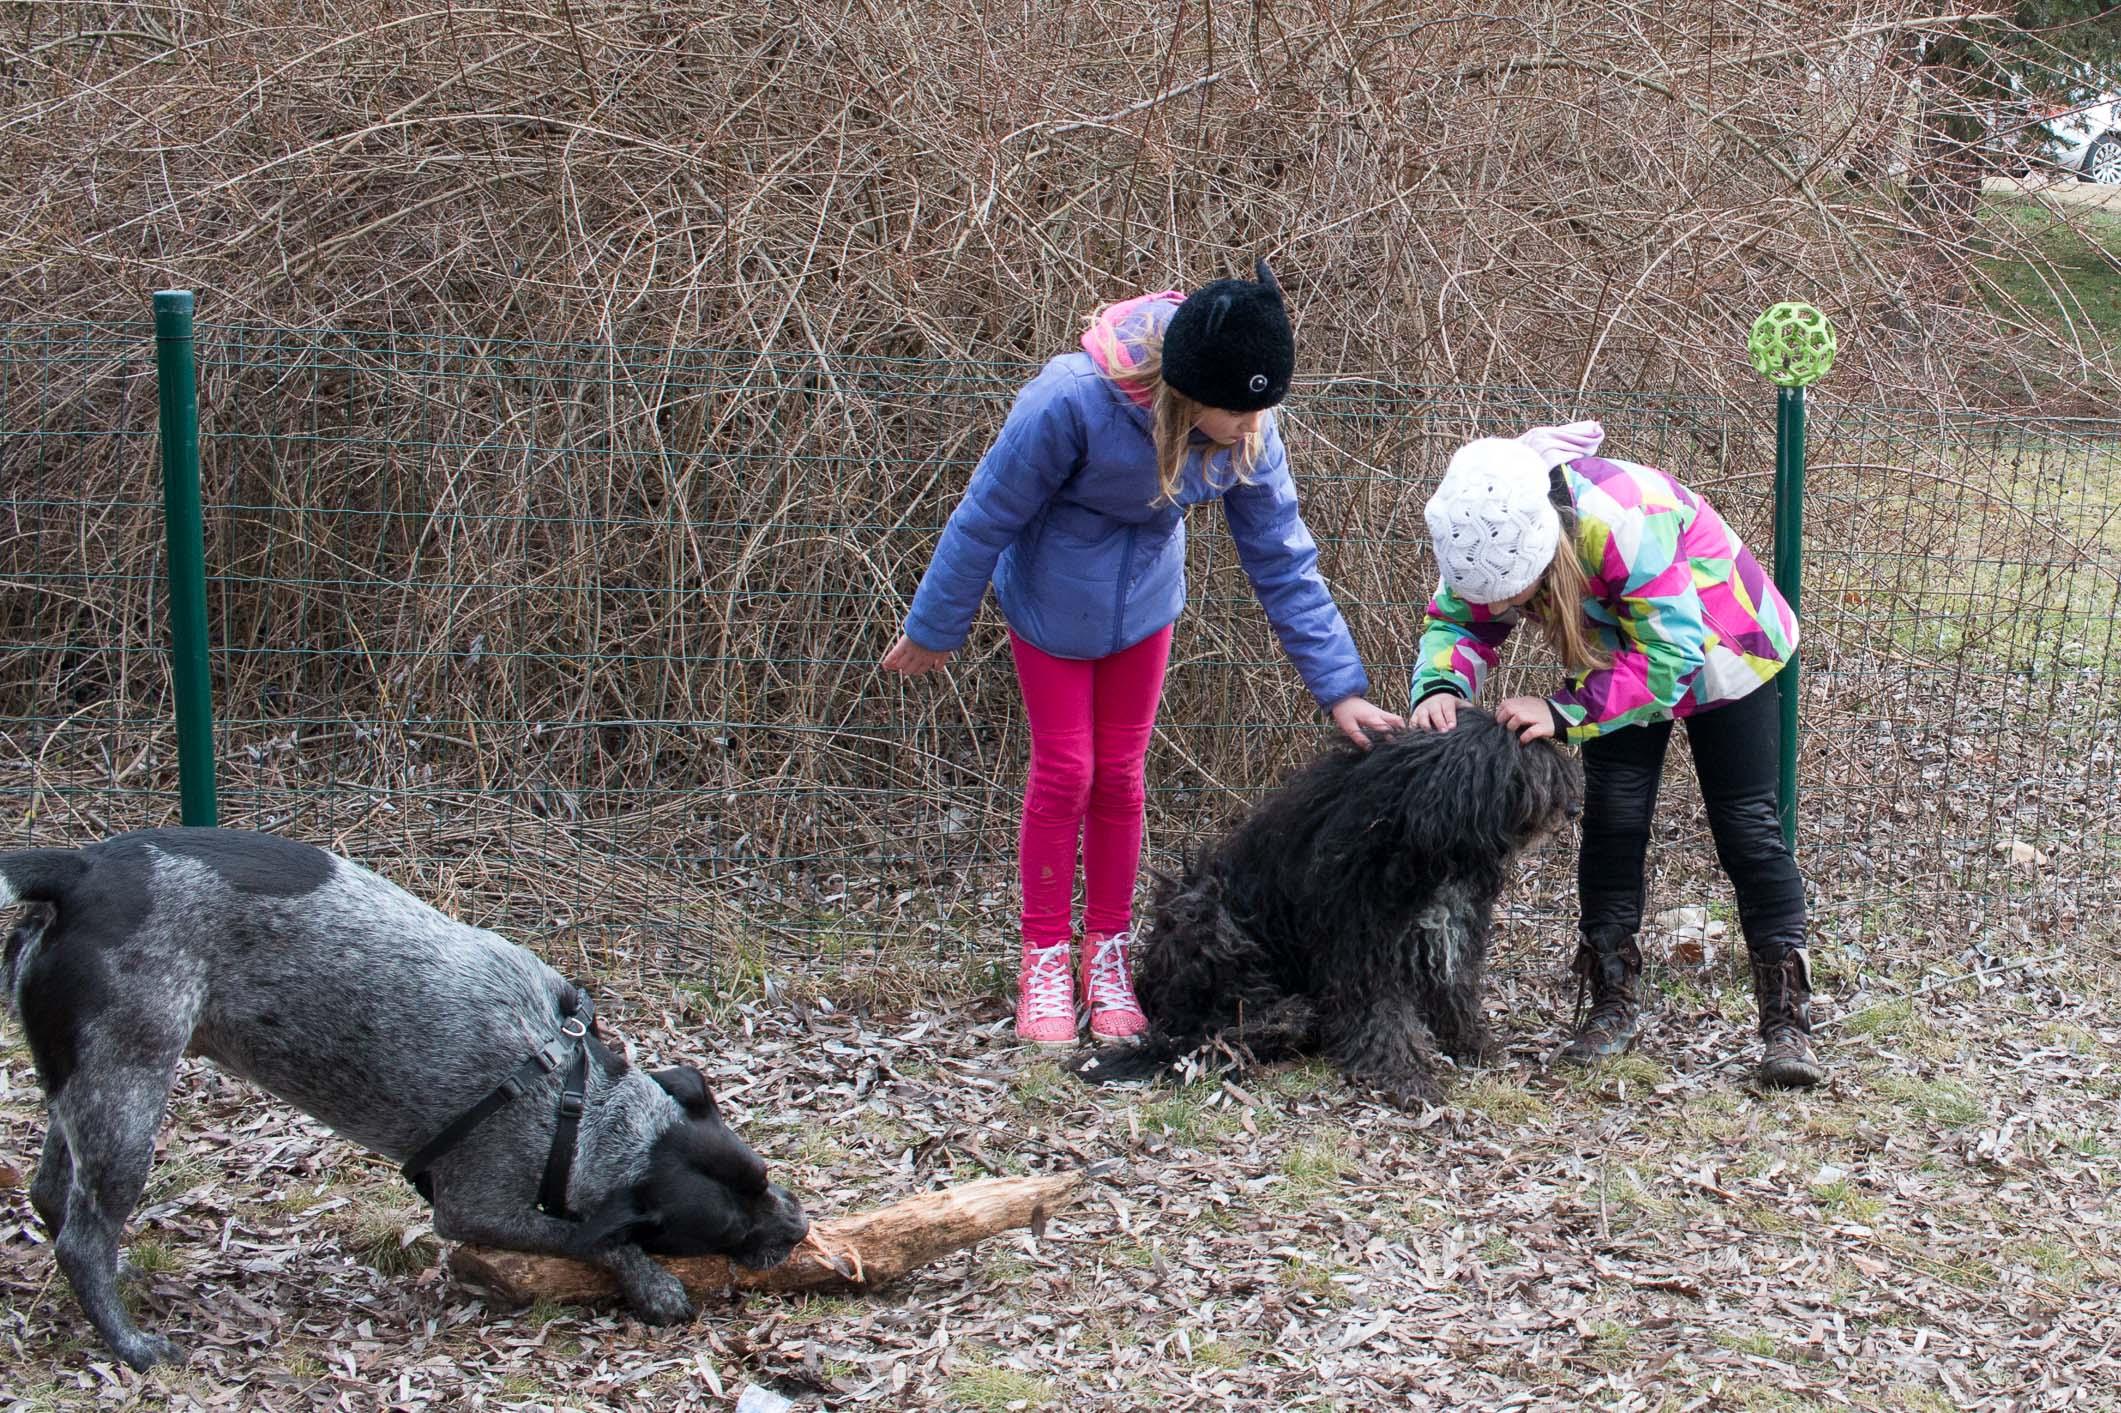 Zoznamka Staffordshire psy